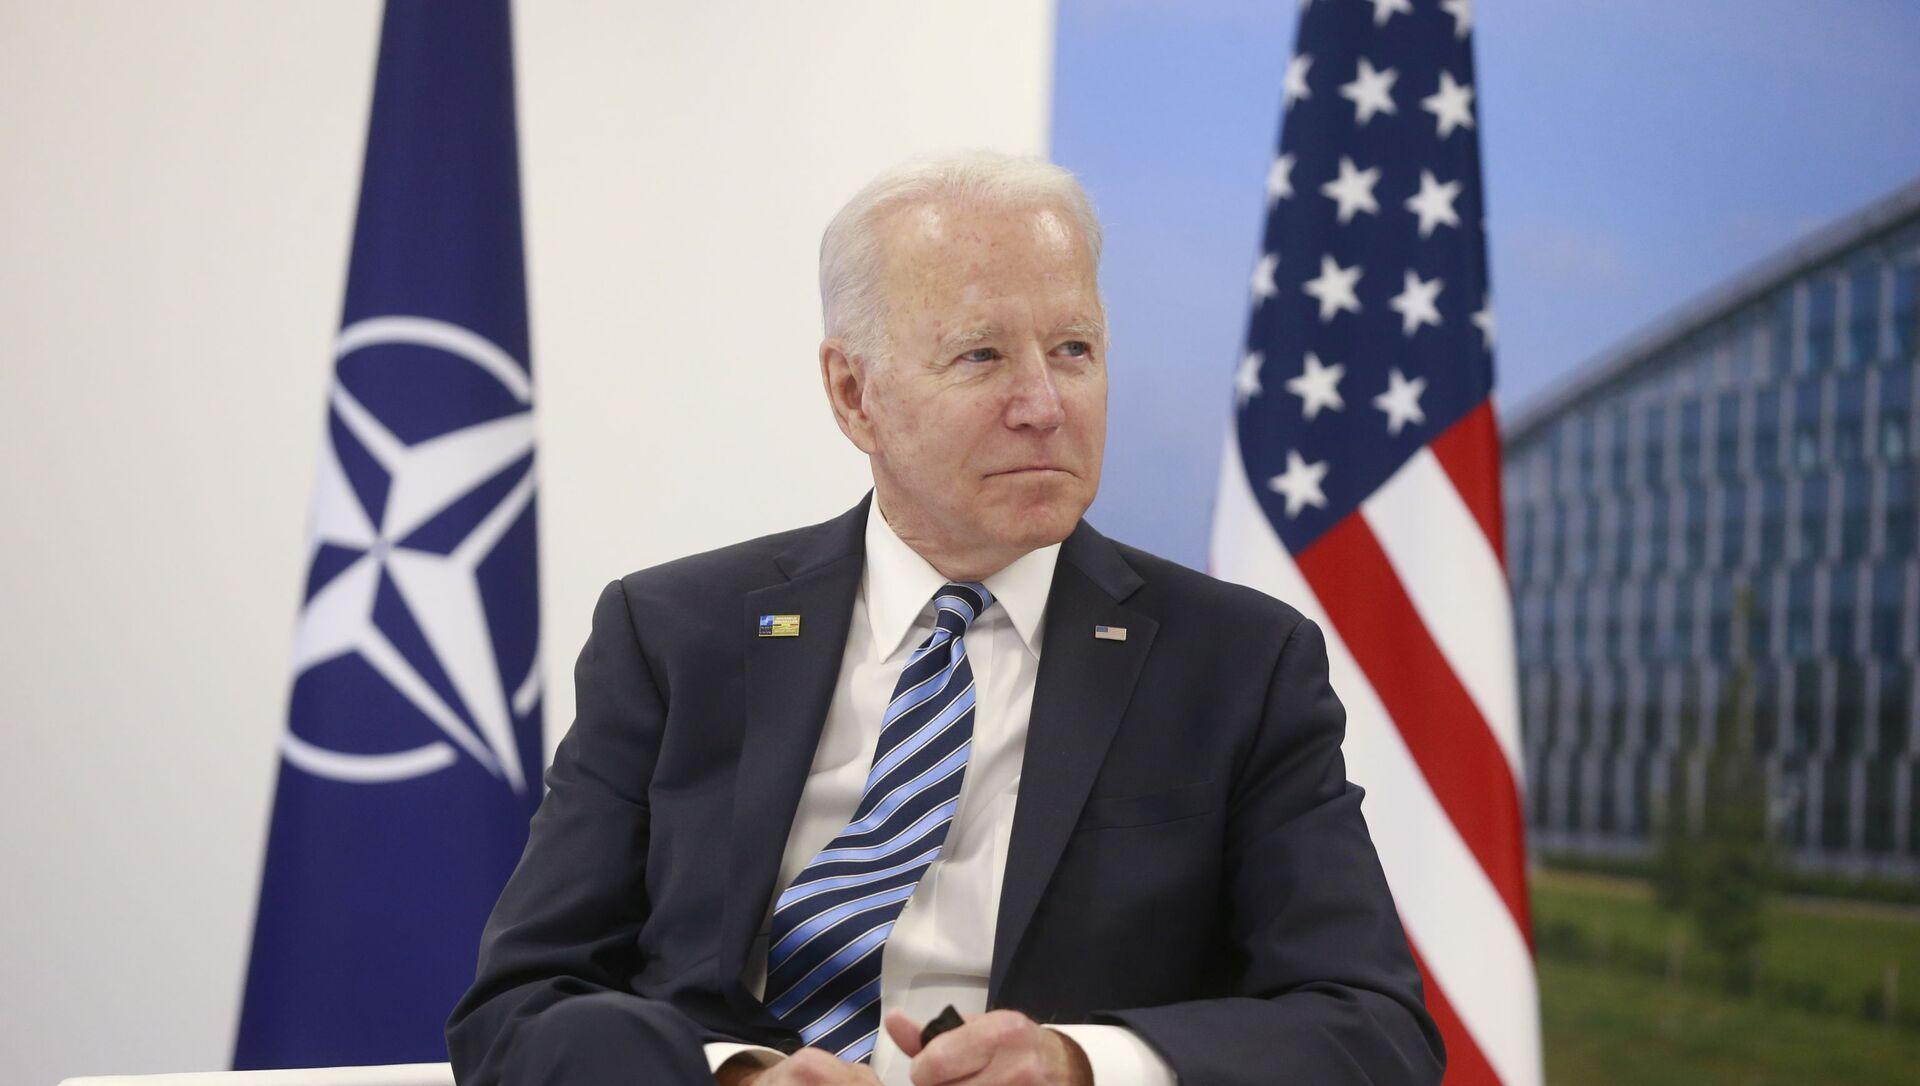 Президент США Джо Байден на встрече с генеральным секретарем НАТО Йенсом Столтенбергом во время саммита НАТО в штаб-квартире Североатлантического союза в Брюсселе, Бельгия, 14 июня 2021 г.  - Sputnik Азербайджан, 1920, 15.06.2021